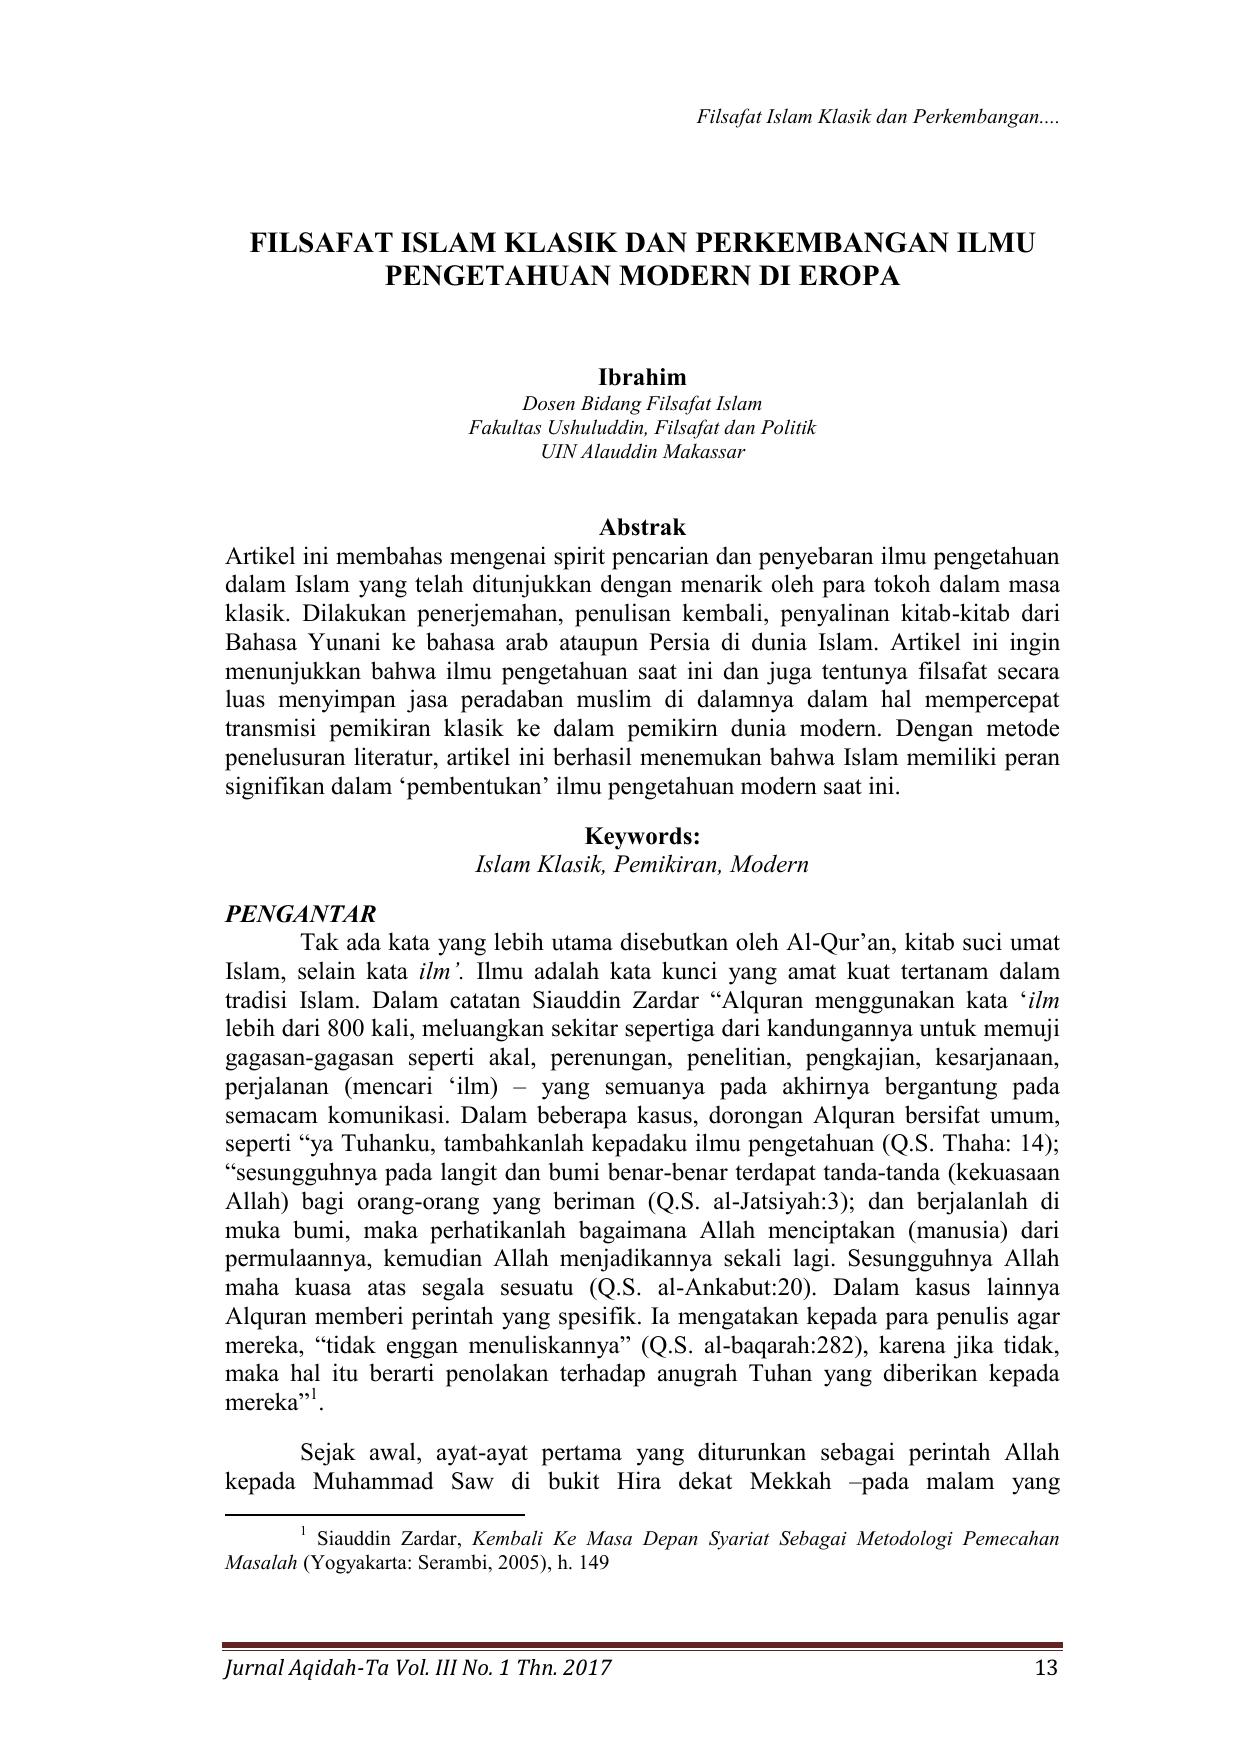 Filsafat Islam Klasik Dan Perkembangan Ilmu Pengetahuan Modern Di